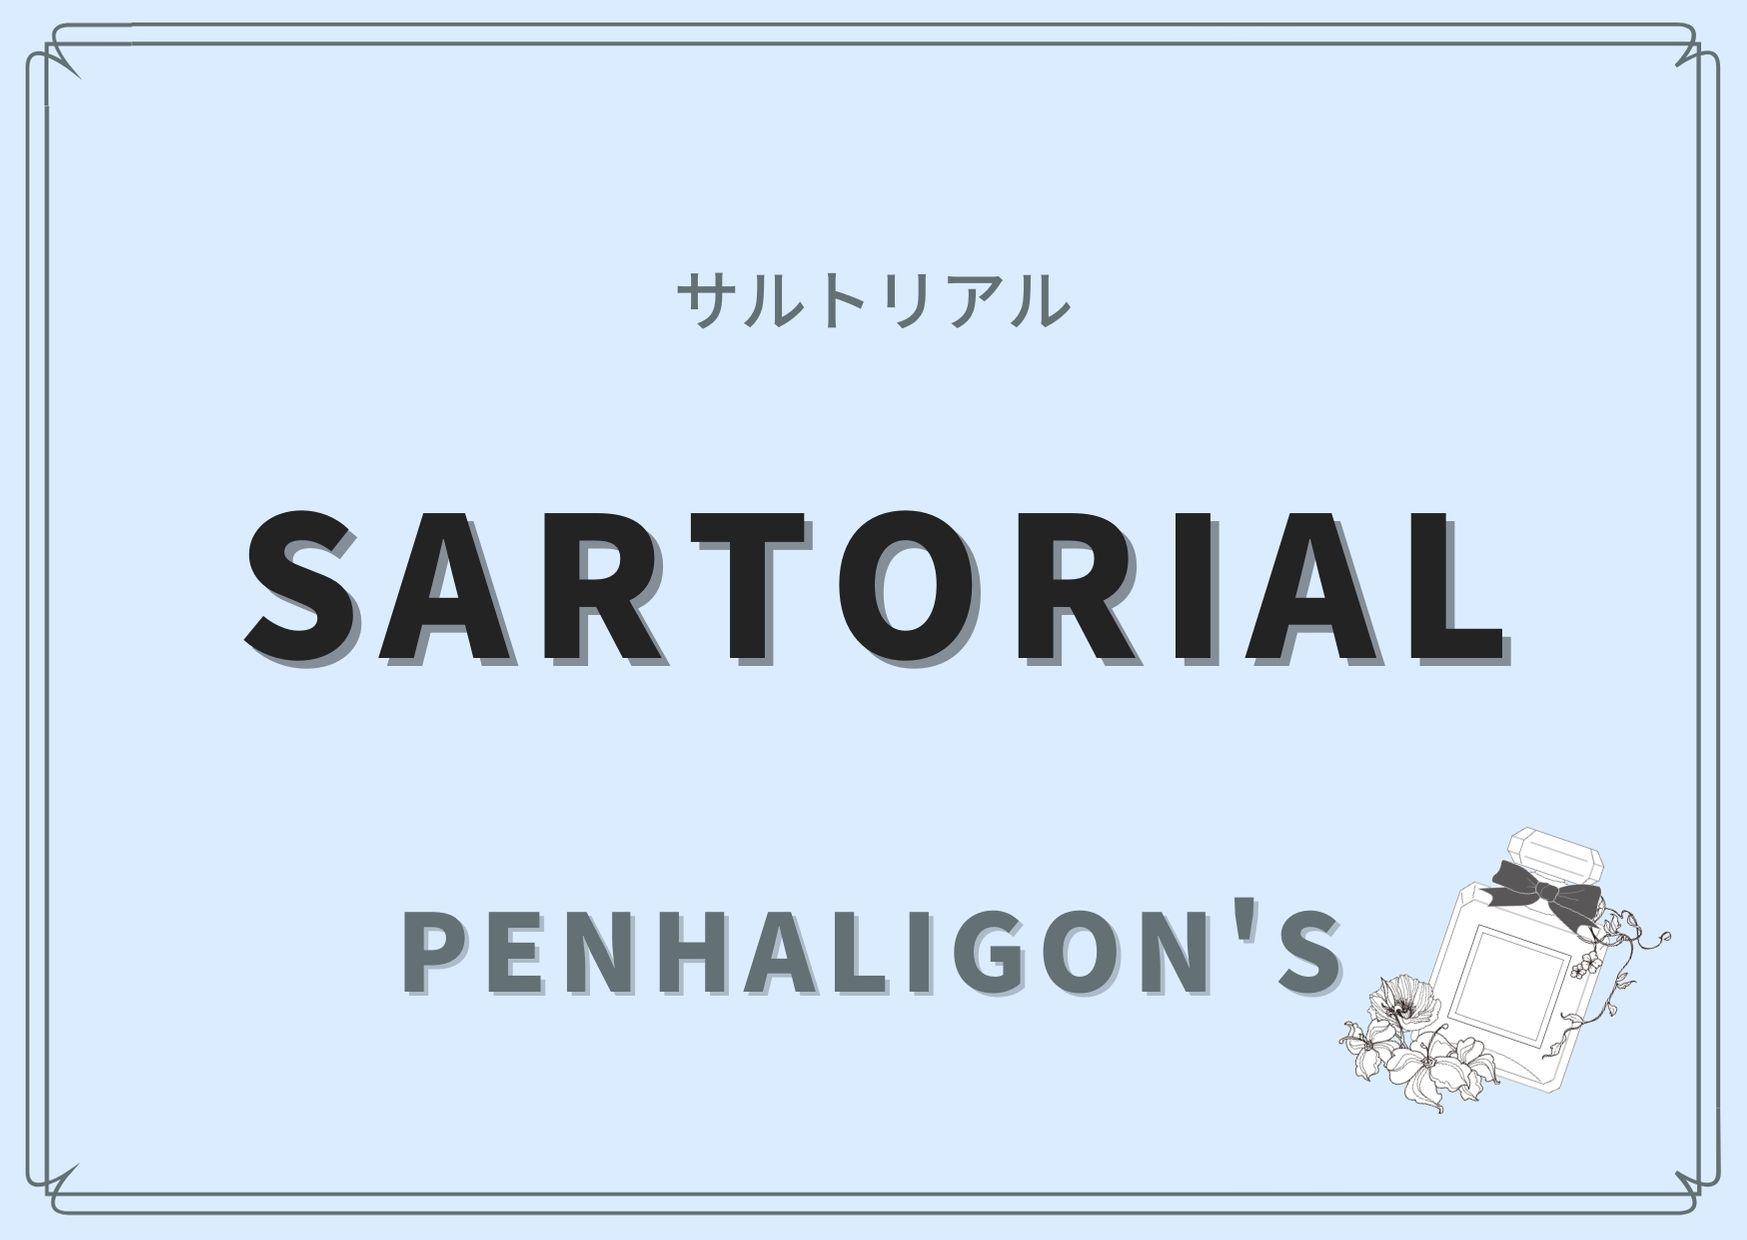 SARTORIAL(サルトリアル)/PENHALIGON'S(ペンハリガン)